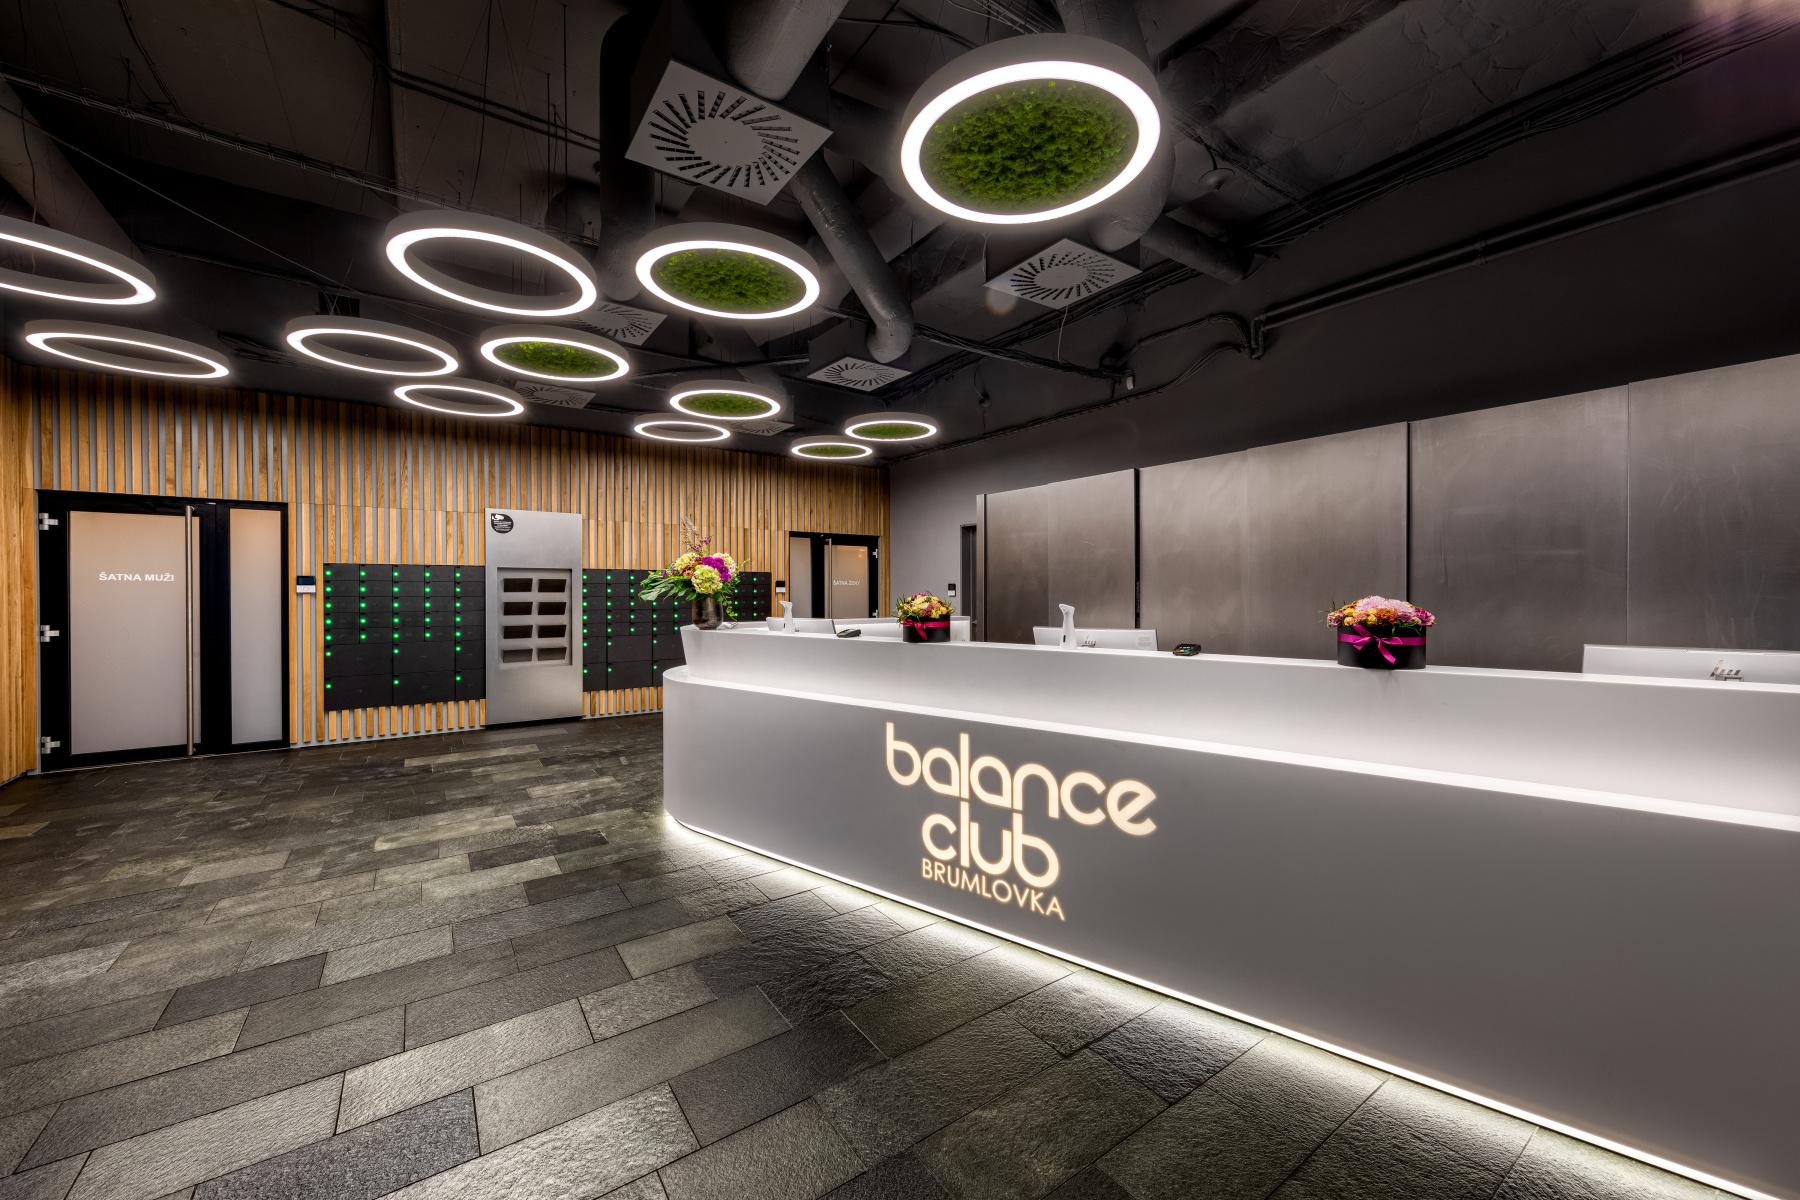 Balance Club Brumlovka dokončil první etapu rekonstrukce